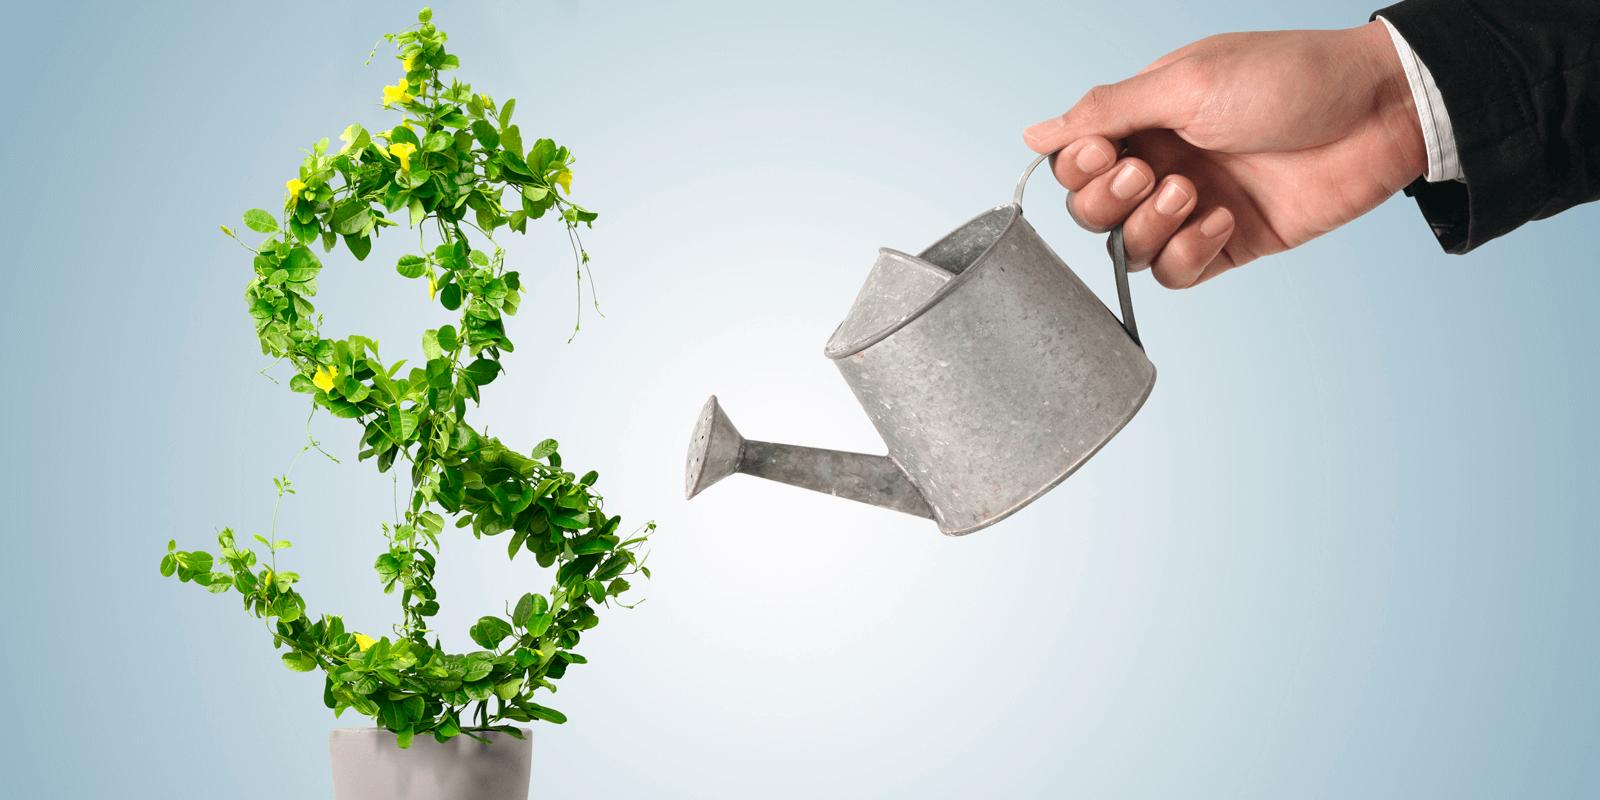 Капитализация процентов по вкладу — это регулярное увеличение размера депозита с учётом не только его тела, но и набежавших процентов